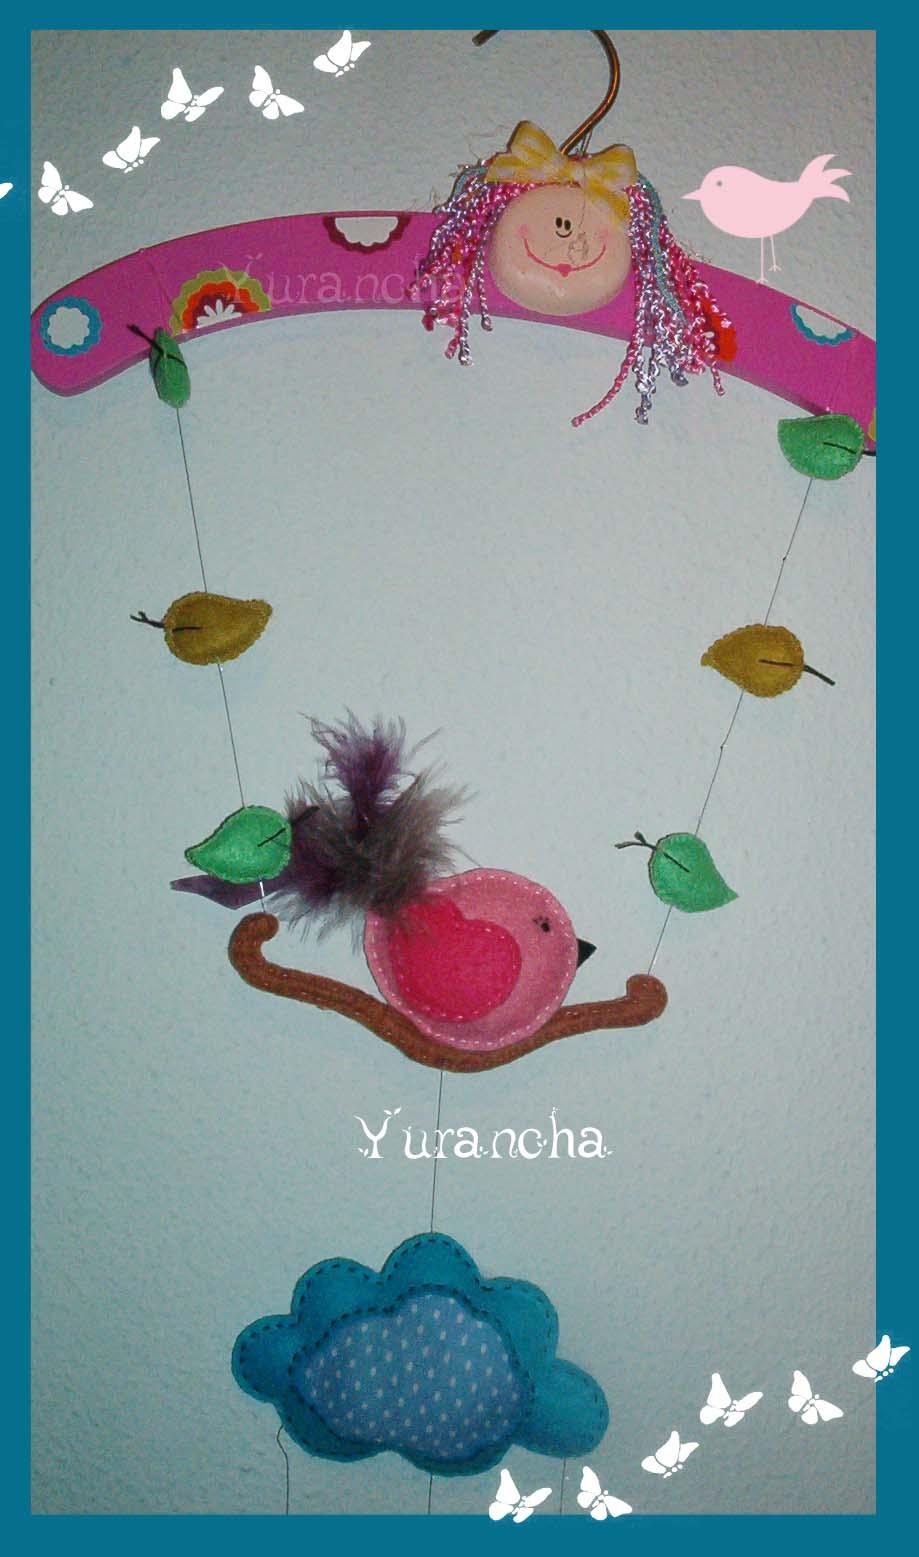 Yurancha: Movil de fieltro: Pajaritos en el columpio